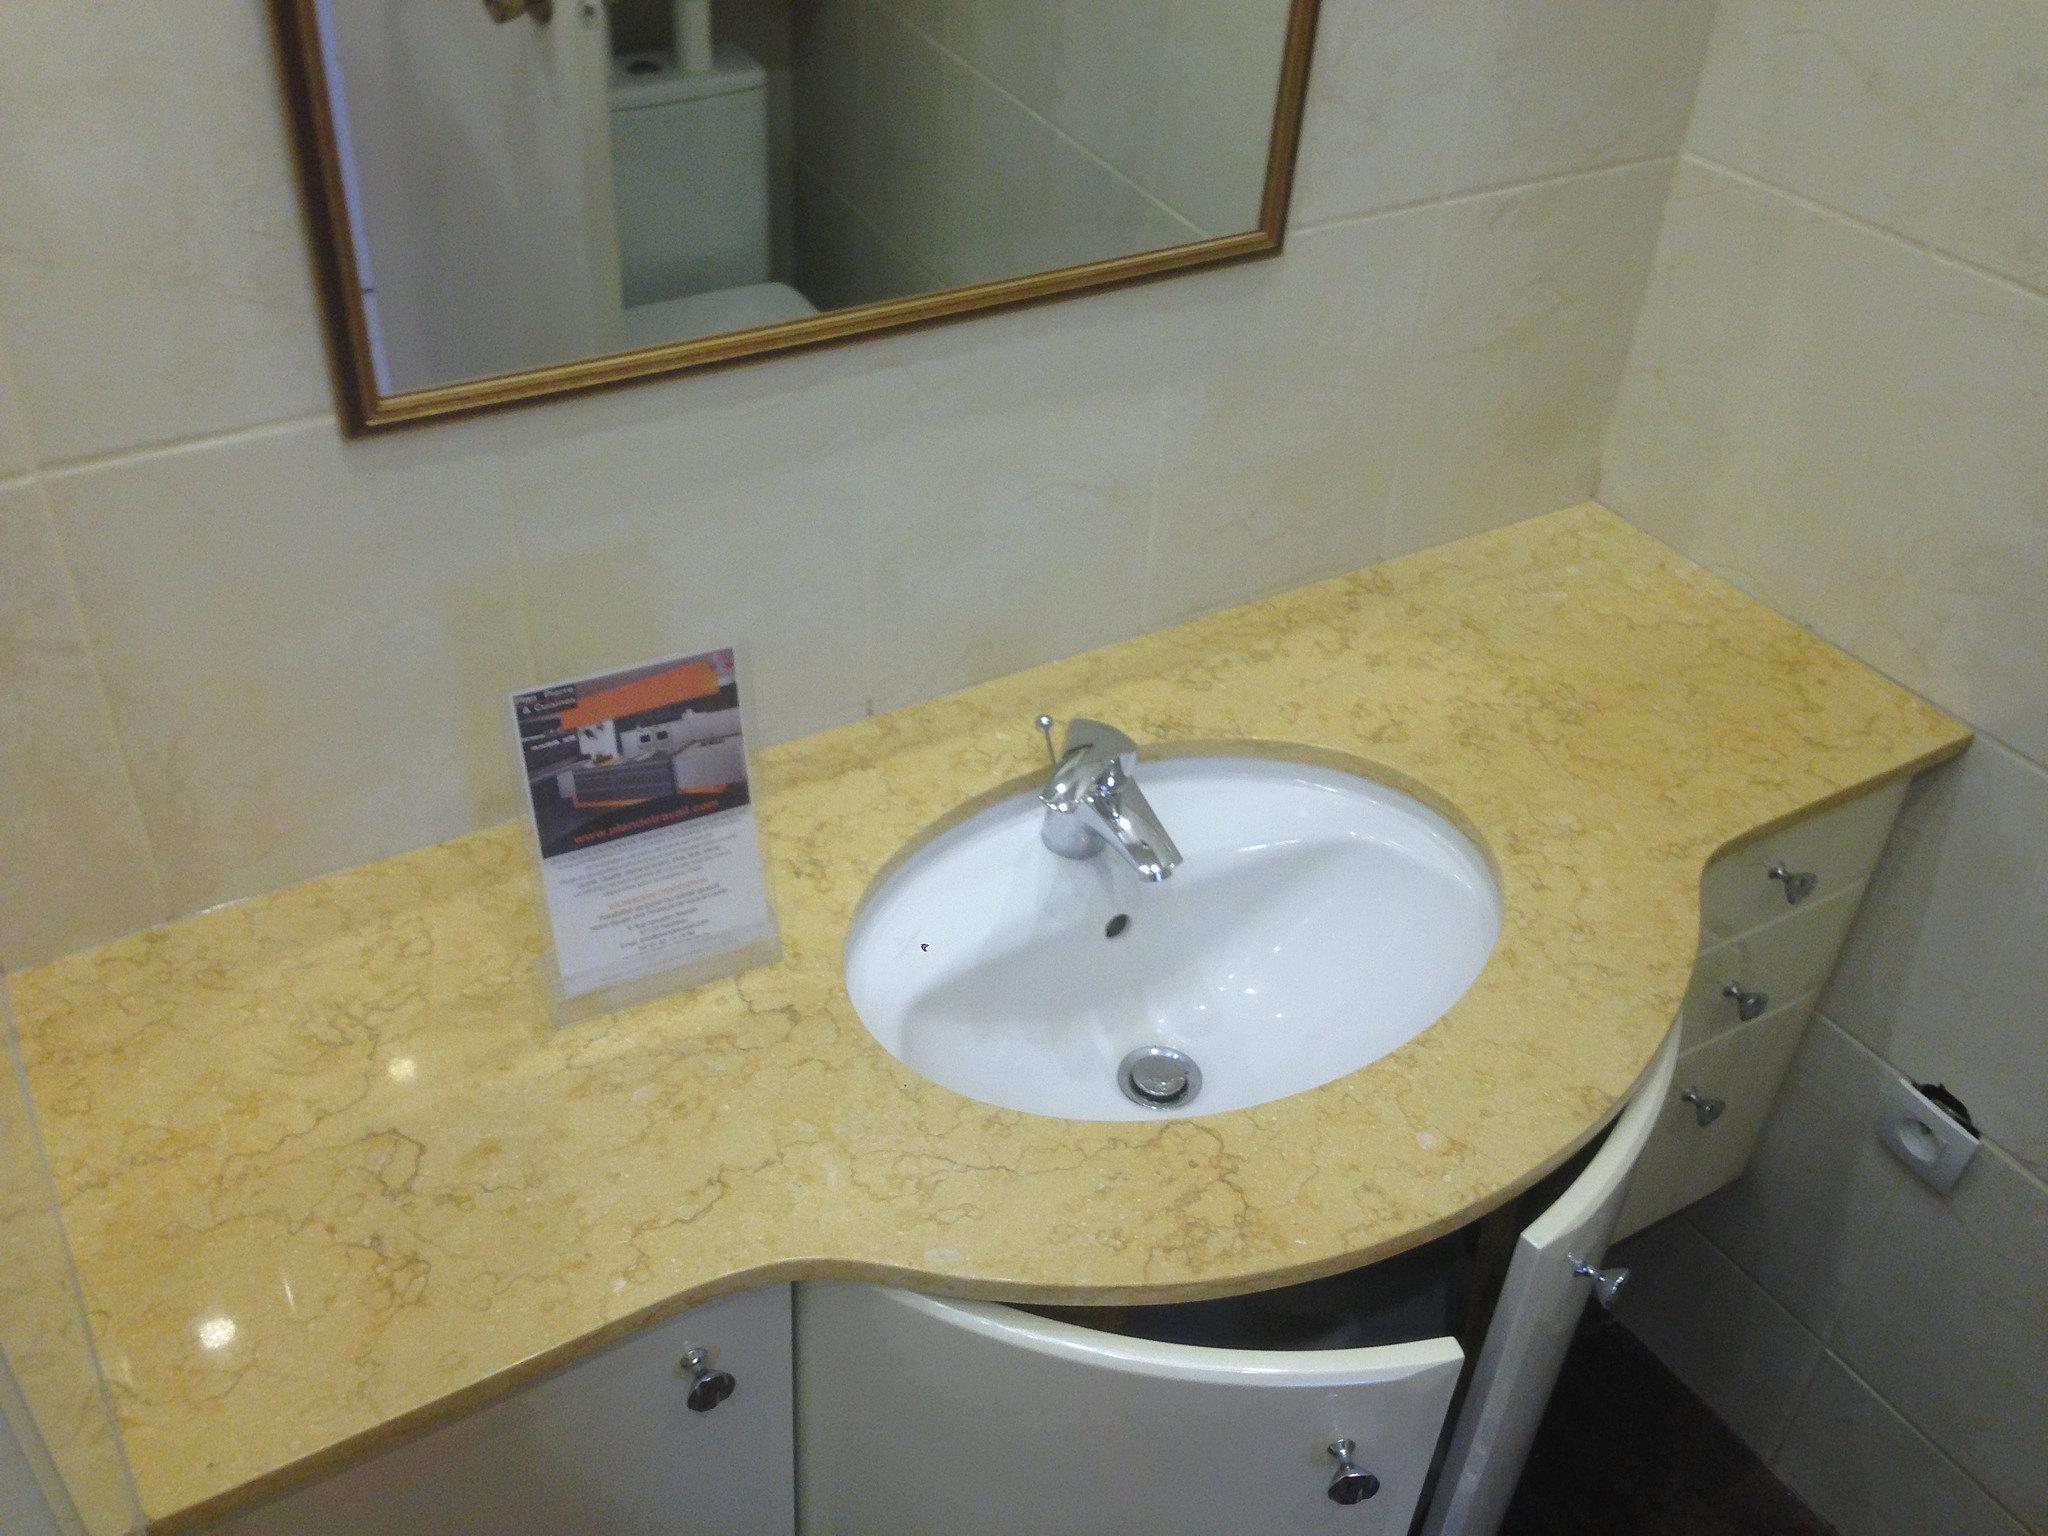 plan de travail granit quartz table en mabre paris essonne vasque marbre. Black Bedroom Furniture Sets. Home Design Ideas